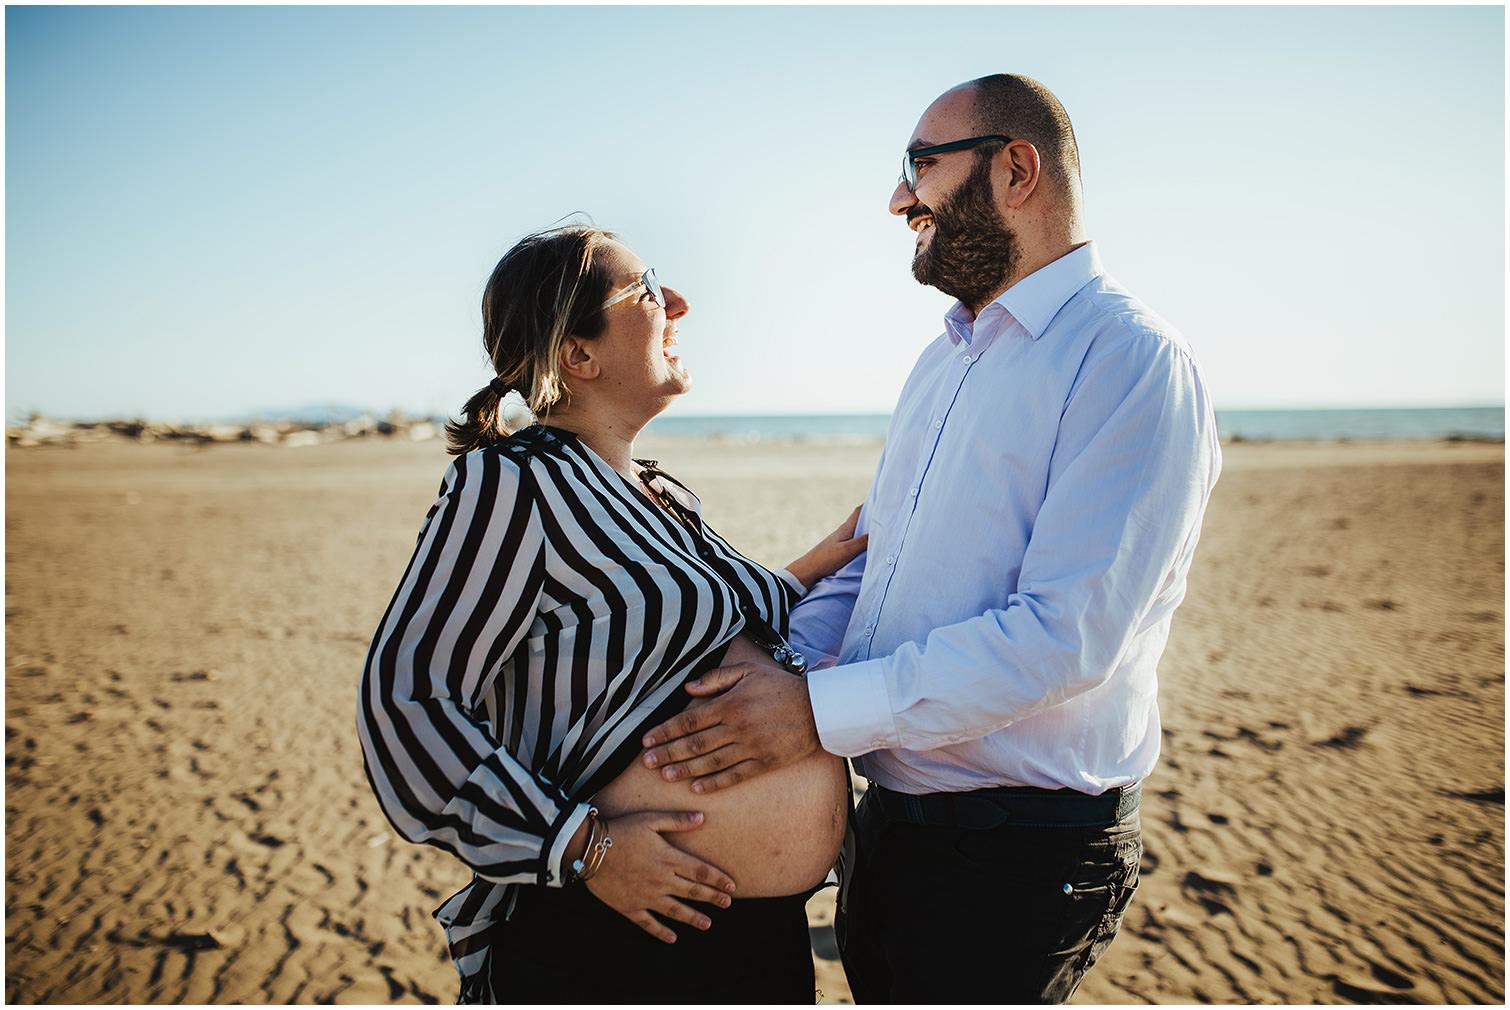 rosi-miche-maternity-session-sara-lorenzoni-fotografia-arezzo-grosseto-fotografo-matrimonio-04